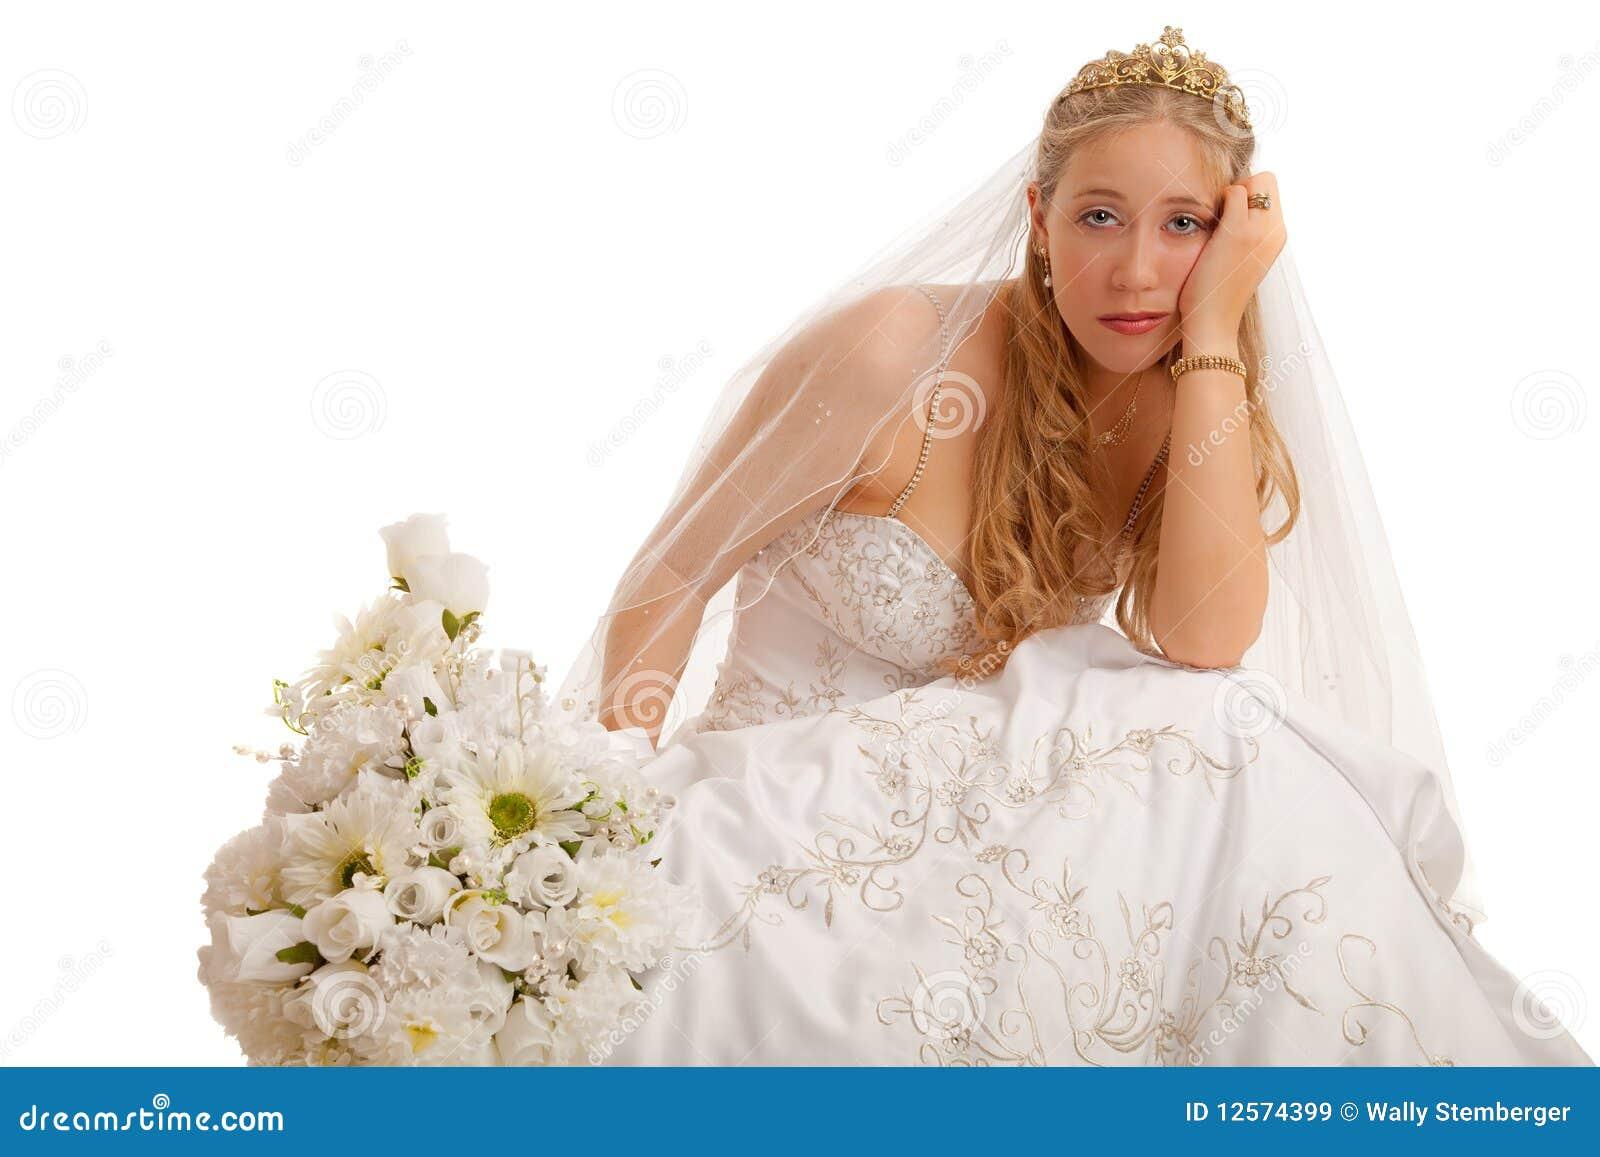 Are Bride 110